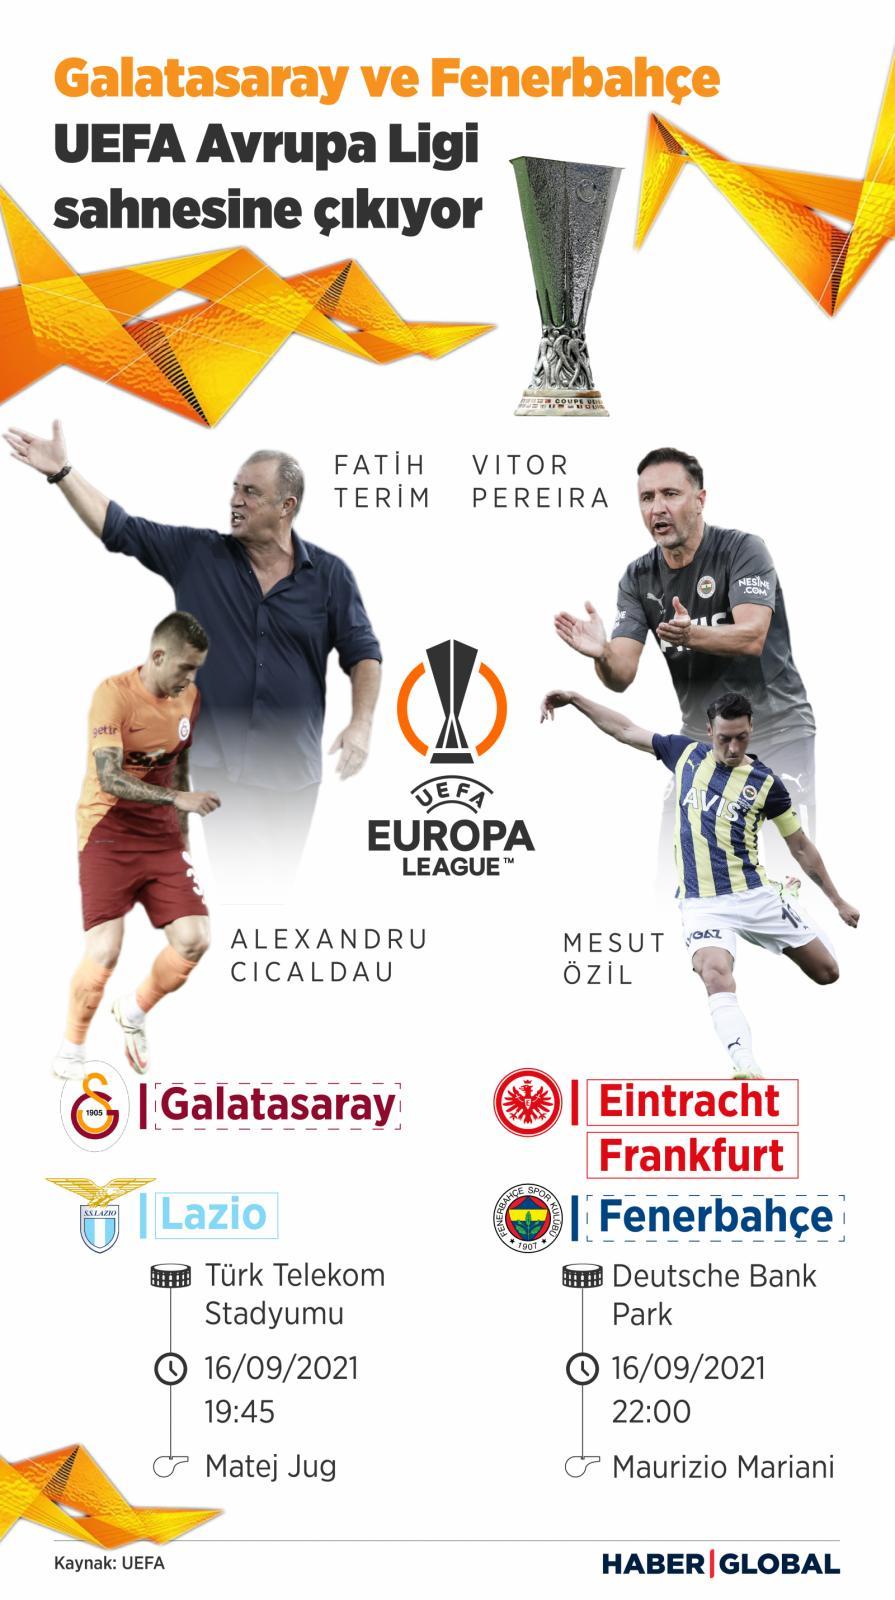 Fenerbahçe ve Galatasaray Avrupa Ligi sahnesine çıkıyor, infografik